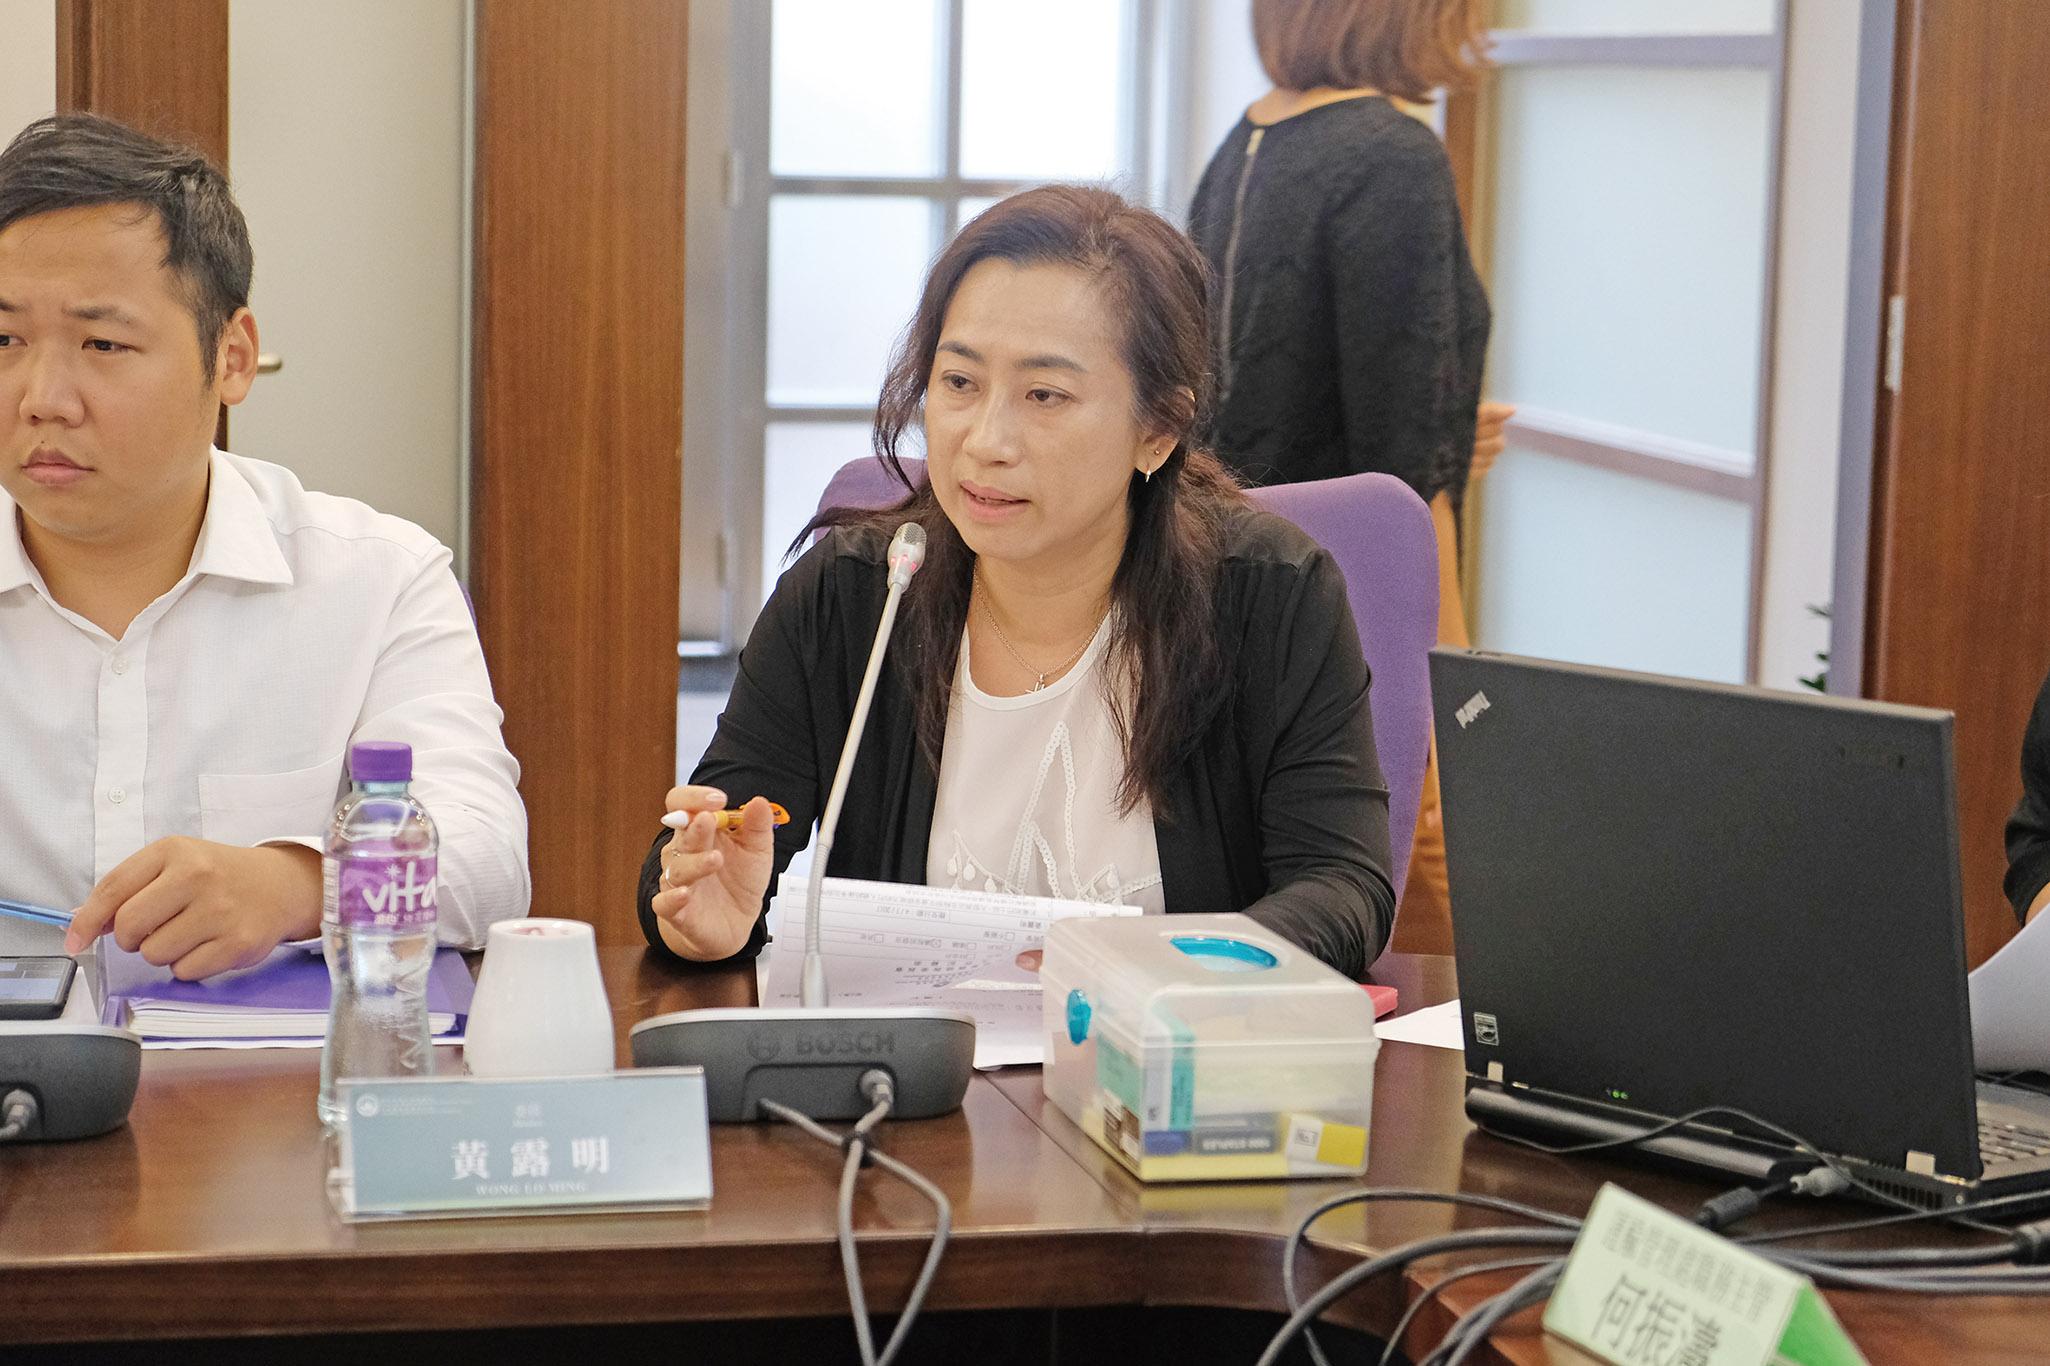 社諮委促兩地進行協調處理